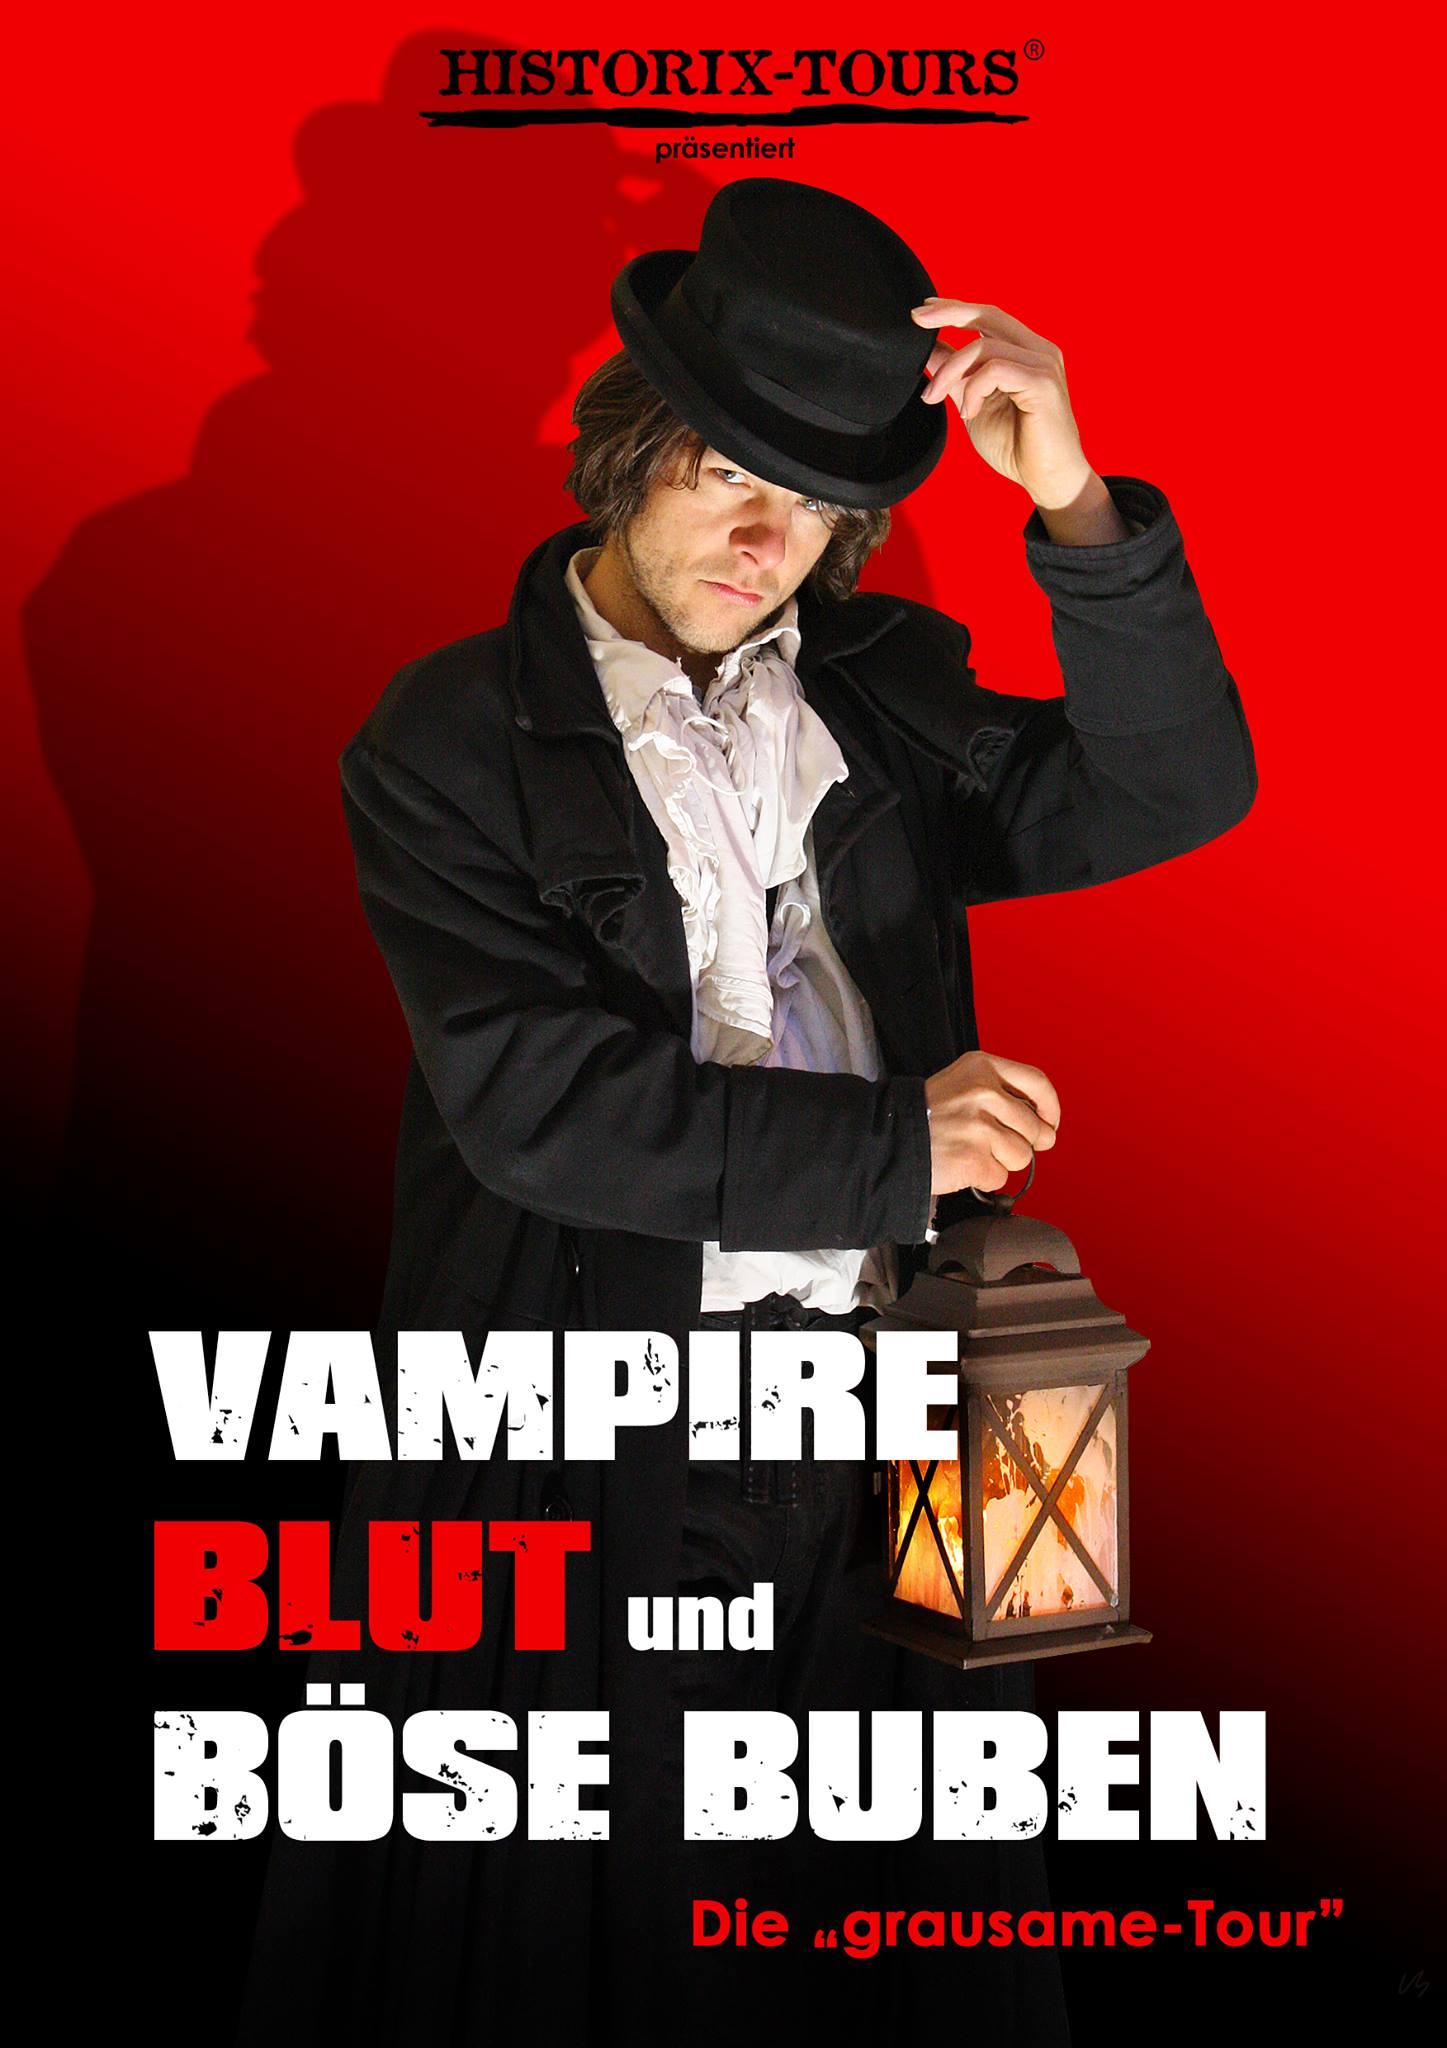 Vampire, Blut und böse Buben – Ghost-Walk zzgl. einen Bier/Soft-Drink